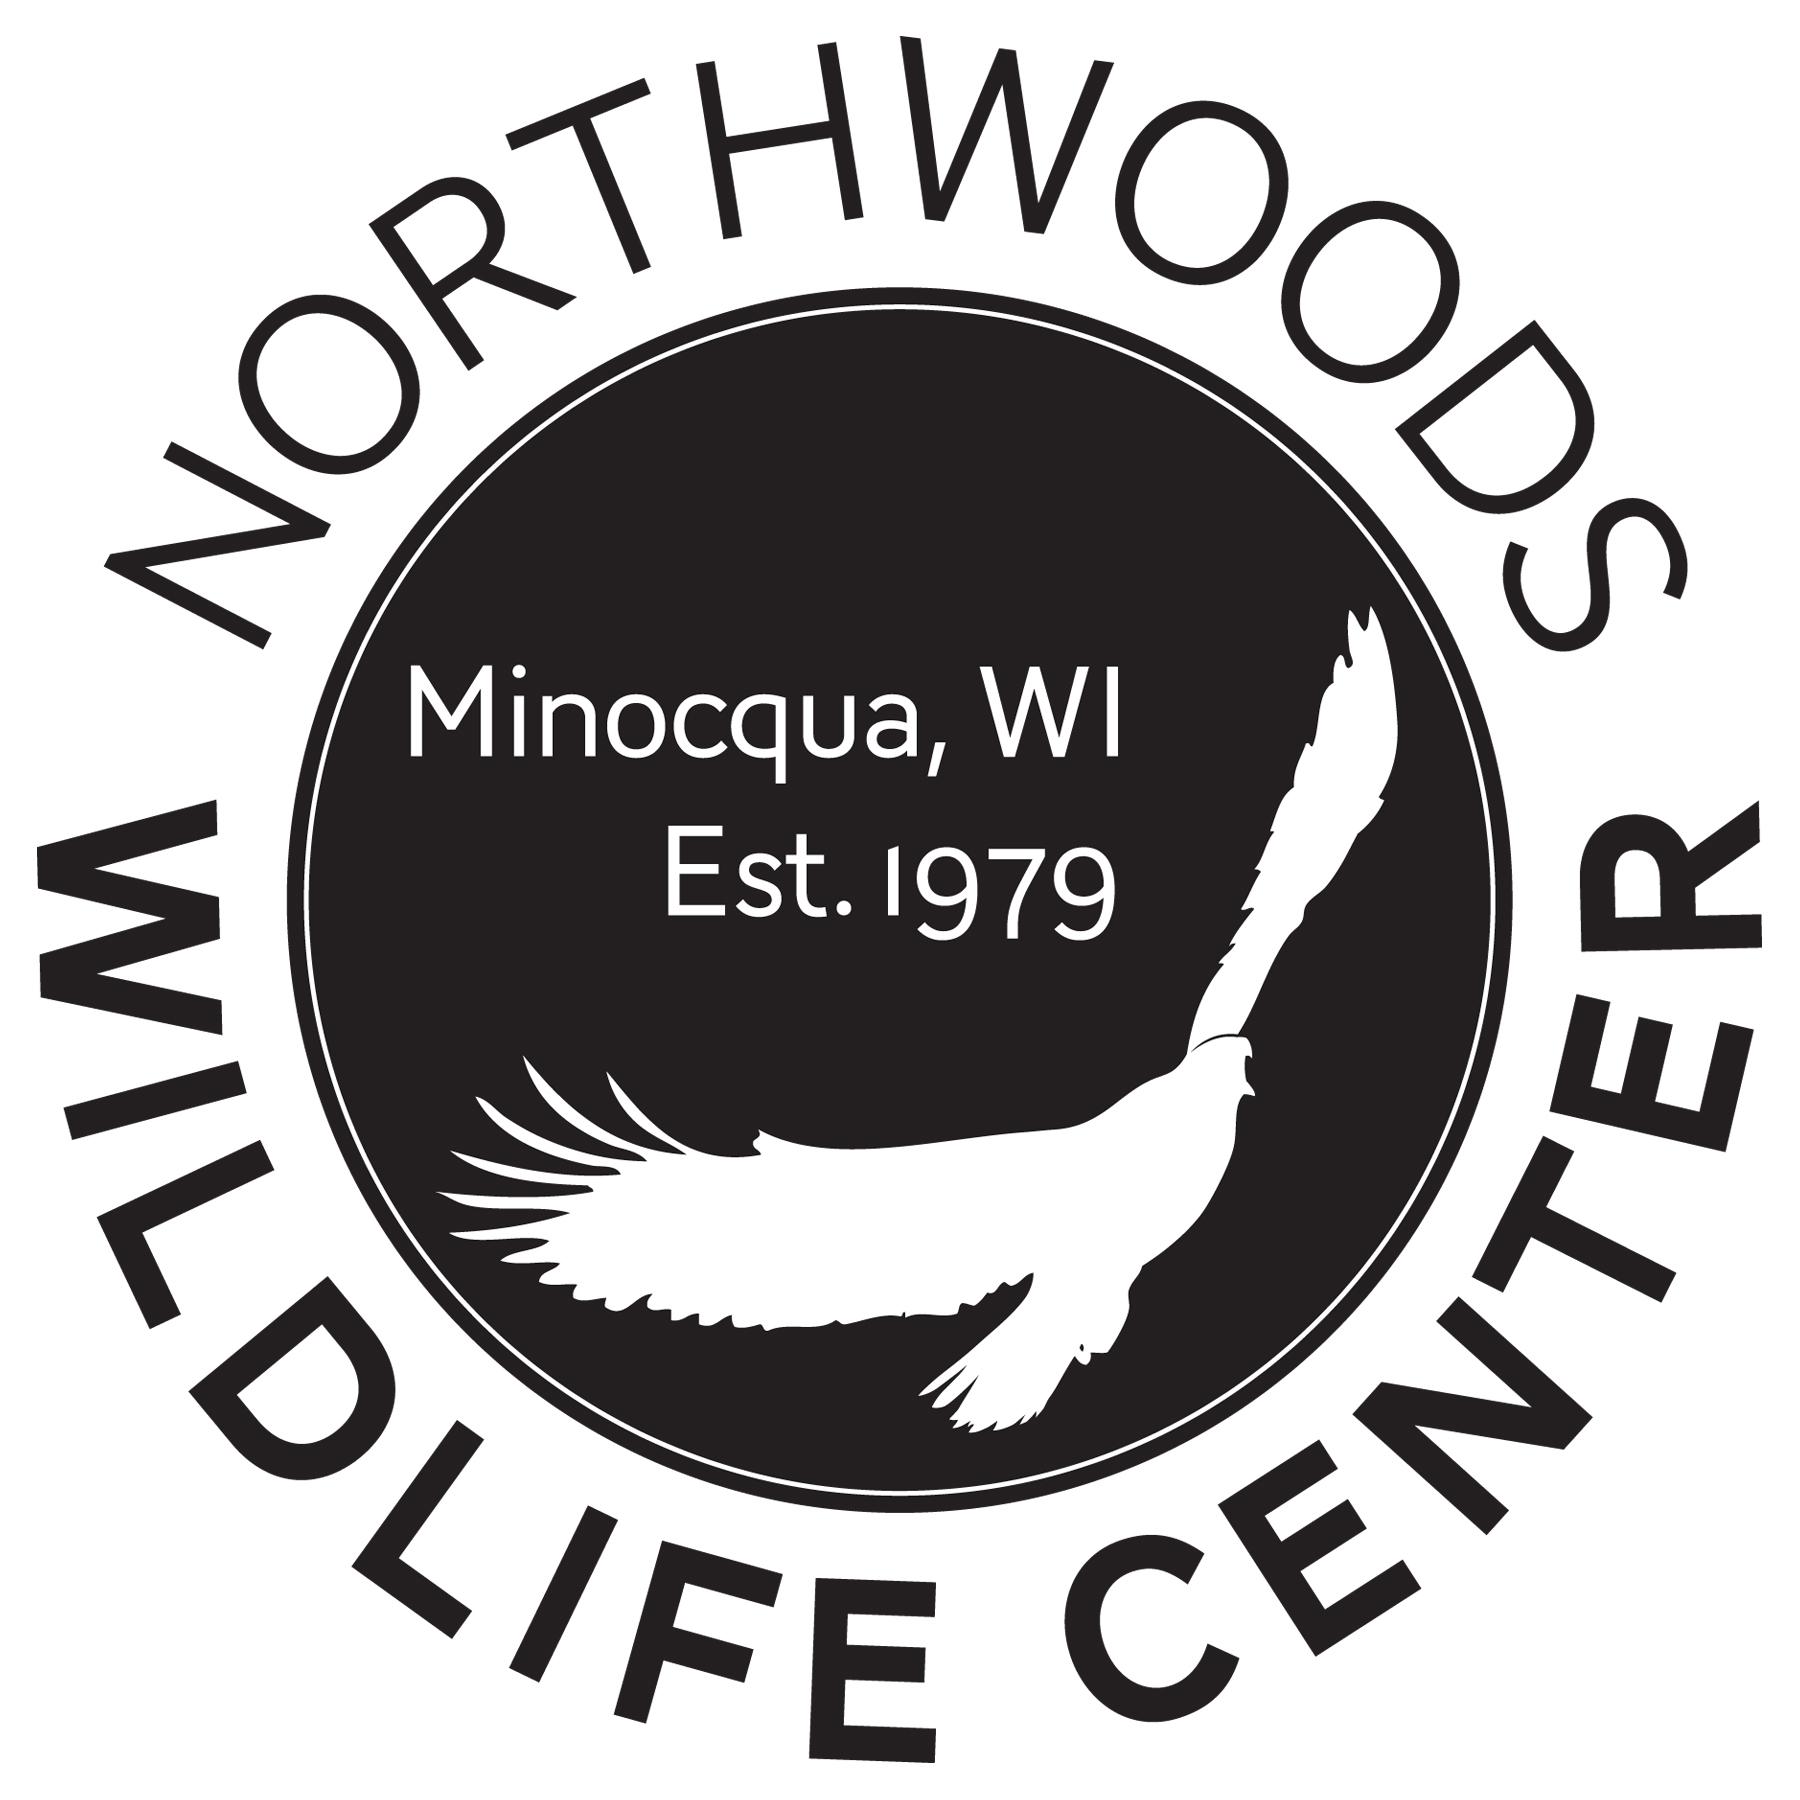 Northwoods Wildlife Center's Photo Contest